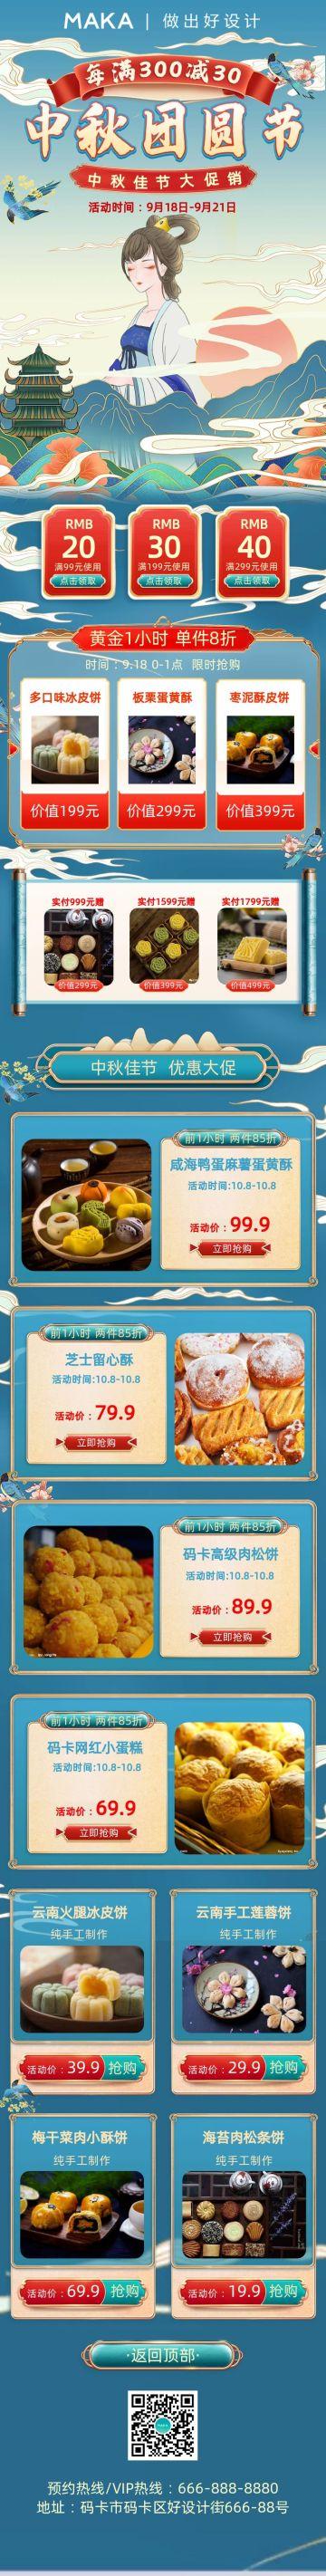 古风国潮9.21中秋节促销店铺详情页